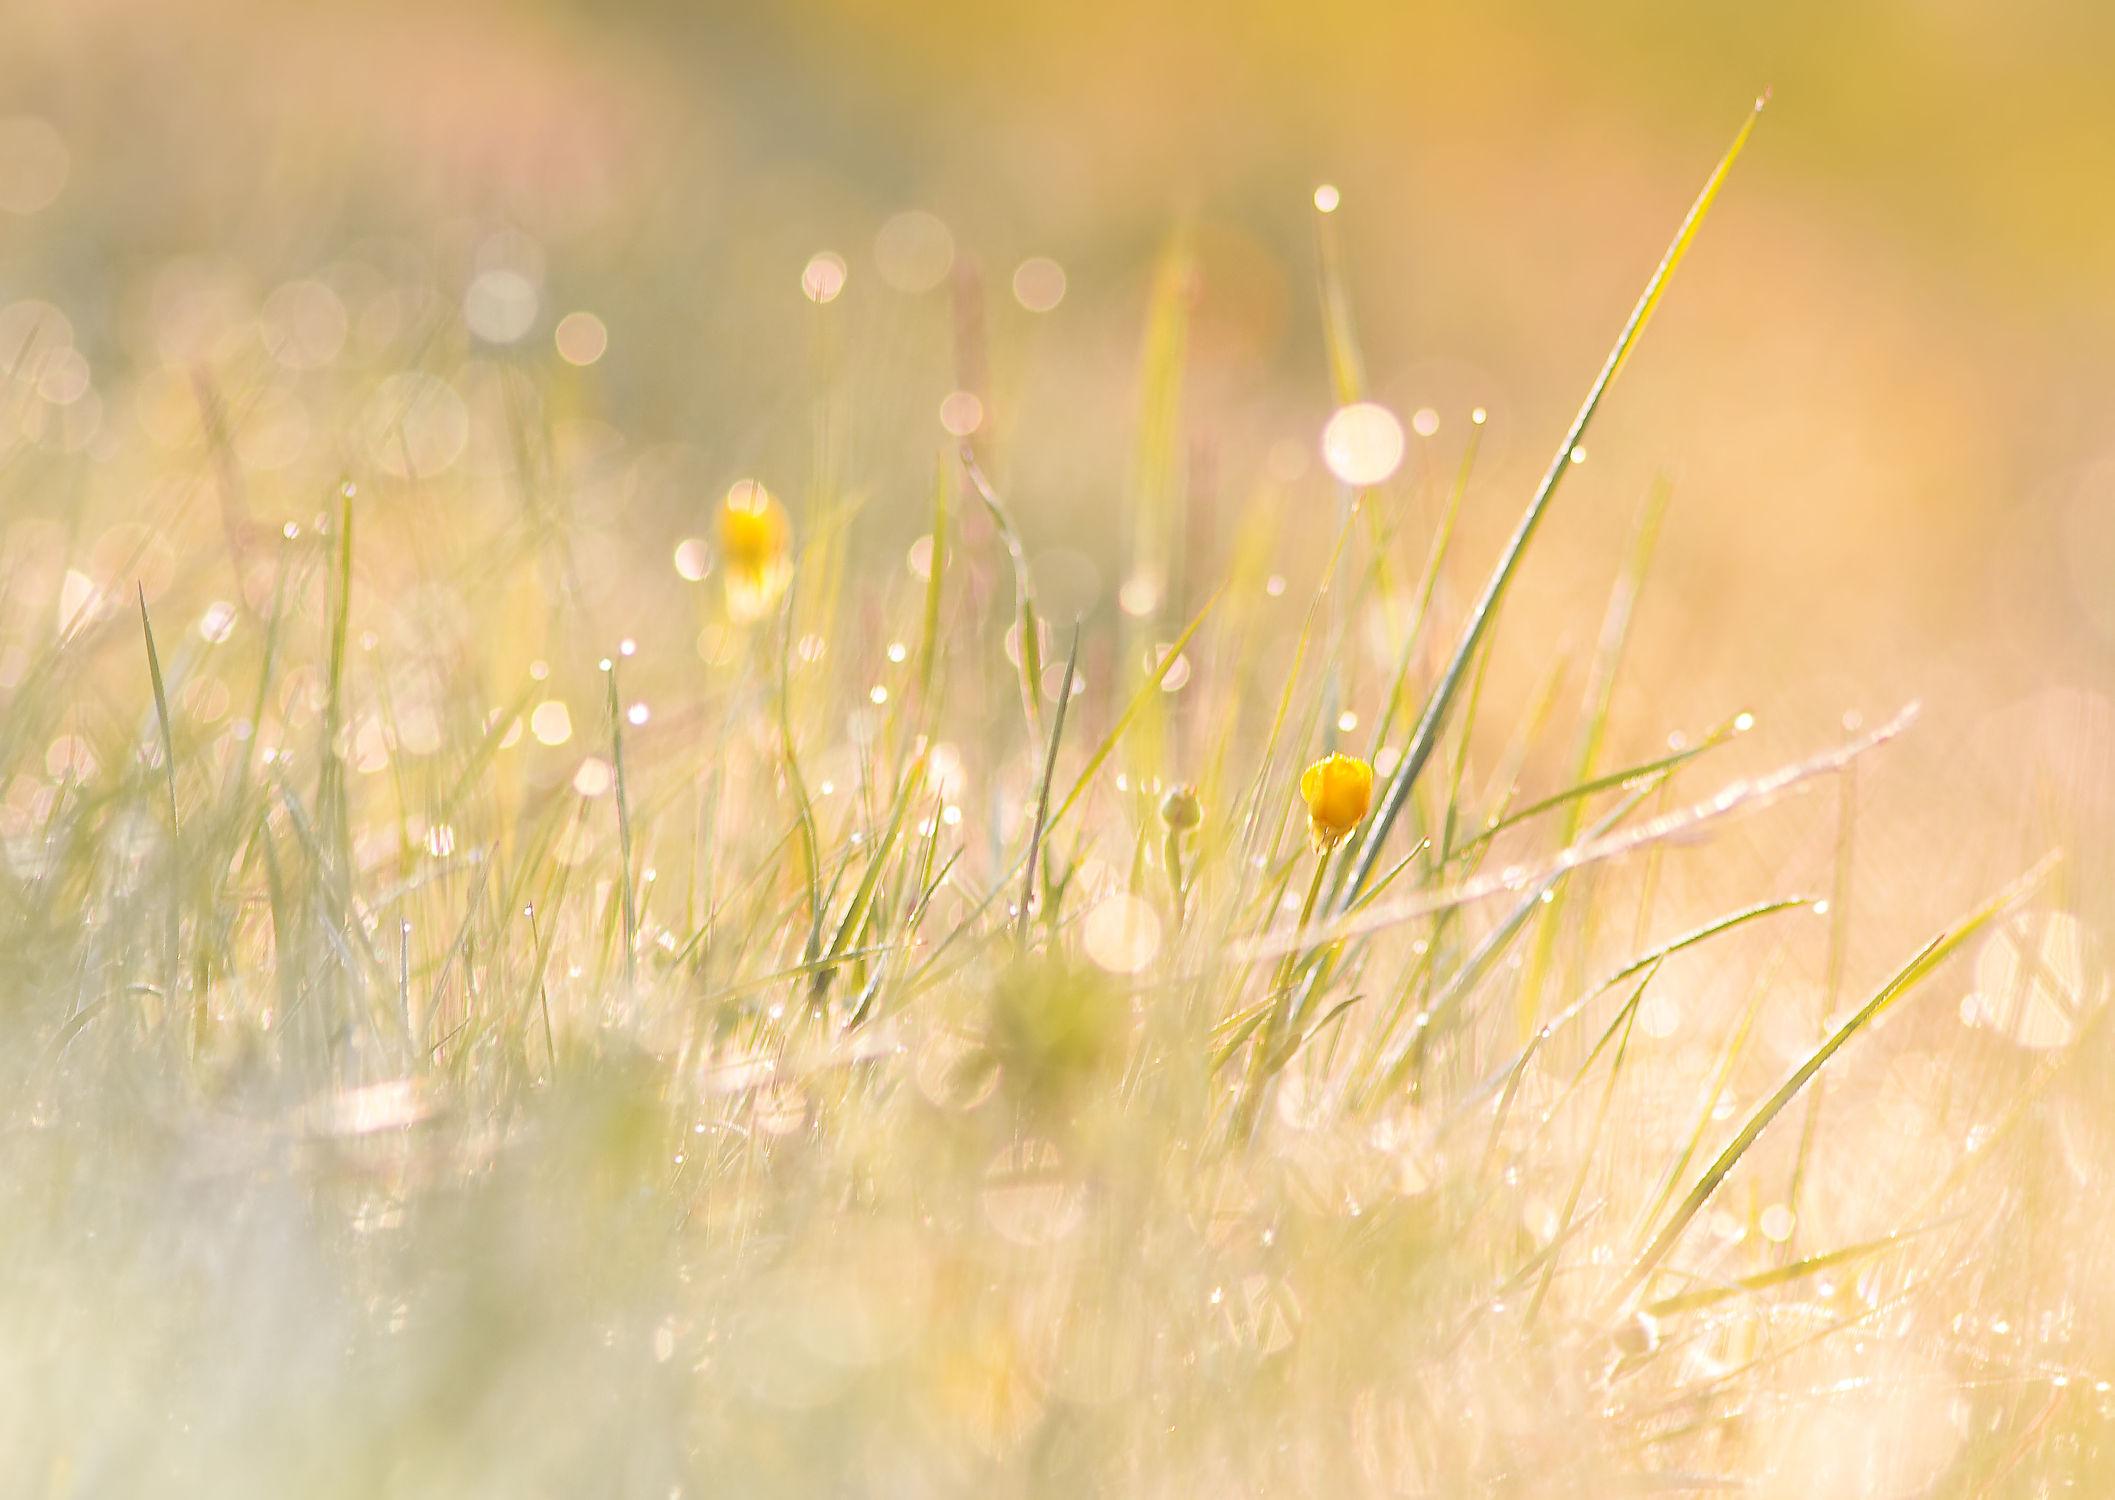 Bild mit Natur, Gräser, Sonne, Sonnenschein, Gras, Wiese, Feld, Felder, Wiesen, Weide, Weiden, Abendstimmung